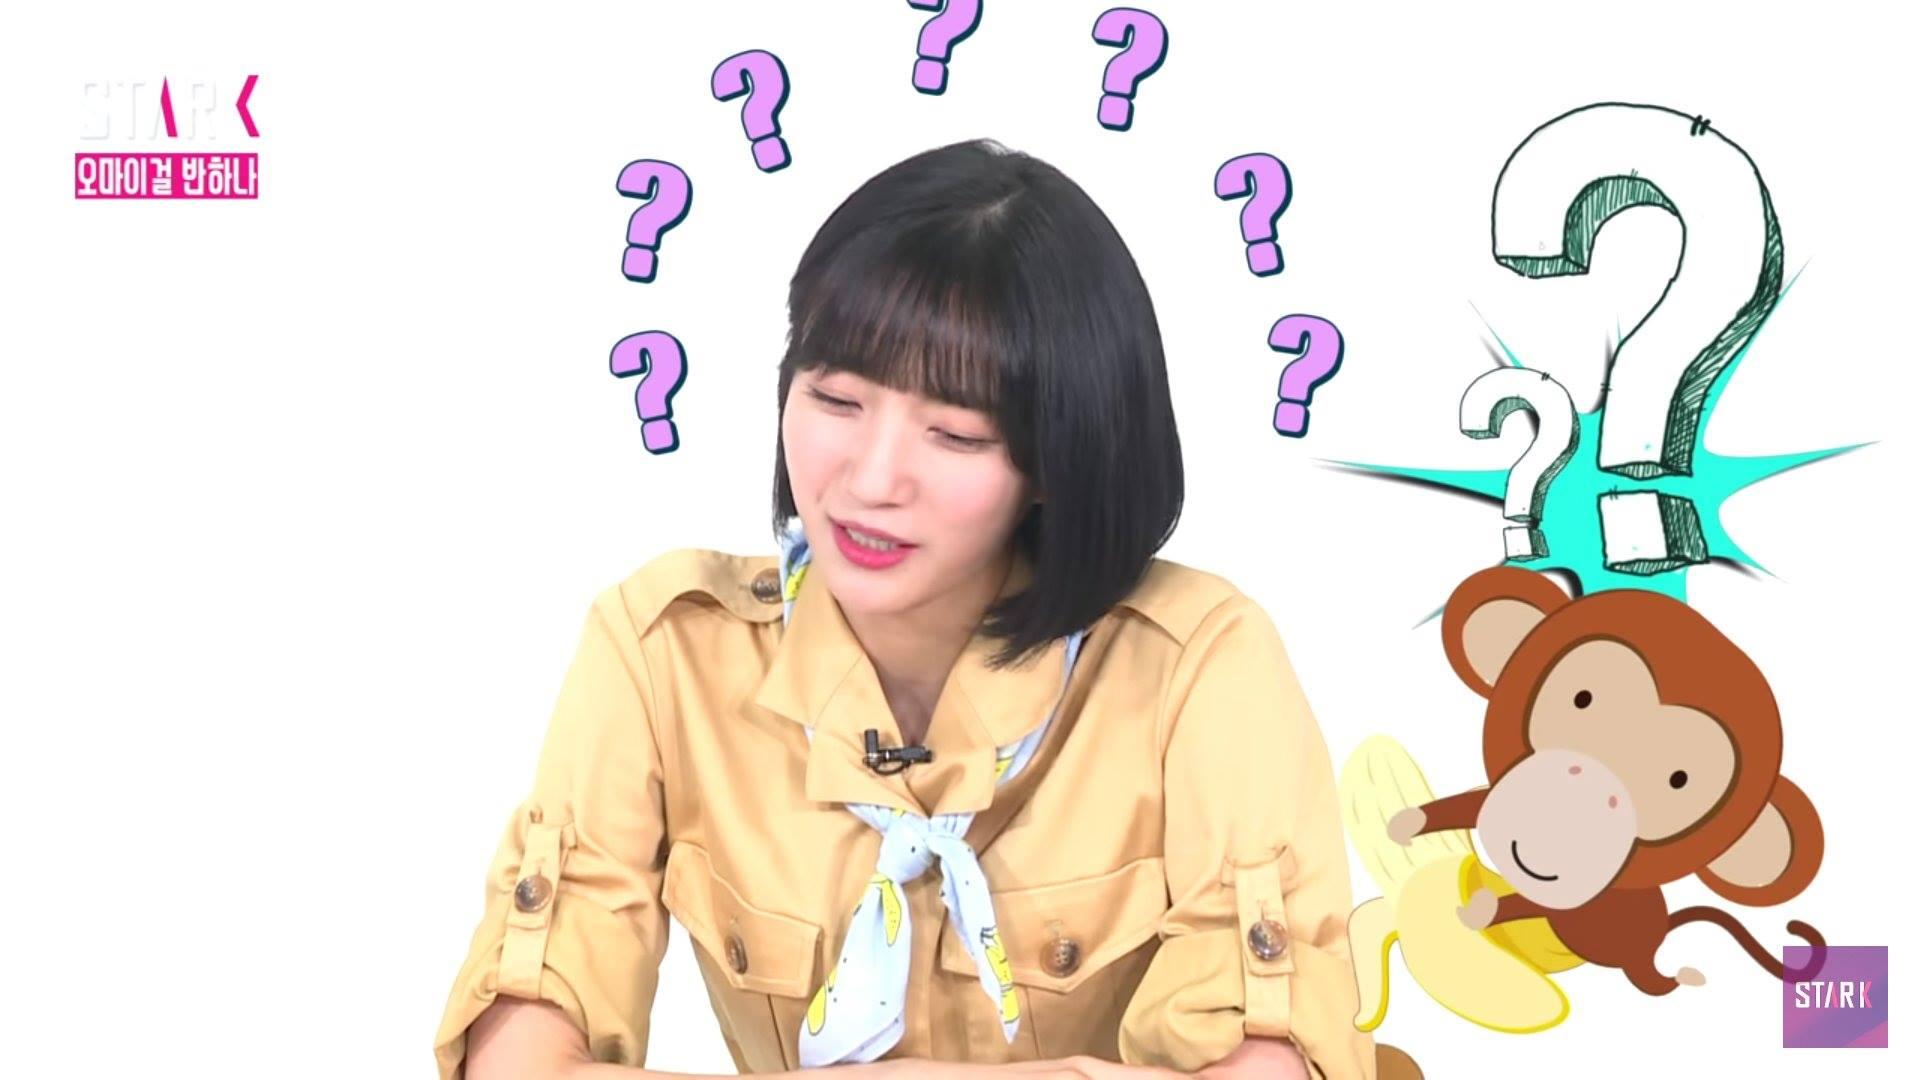 不僅成員Binnie露出猴子問號表情,還形容說「有時候人會有看了東西,但只是穿過腦海,無法理解的時候」,她笑說新歌就是給她這樣的感受